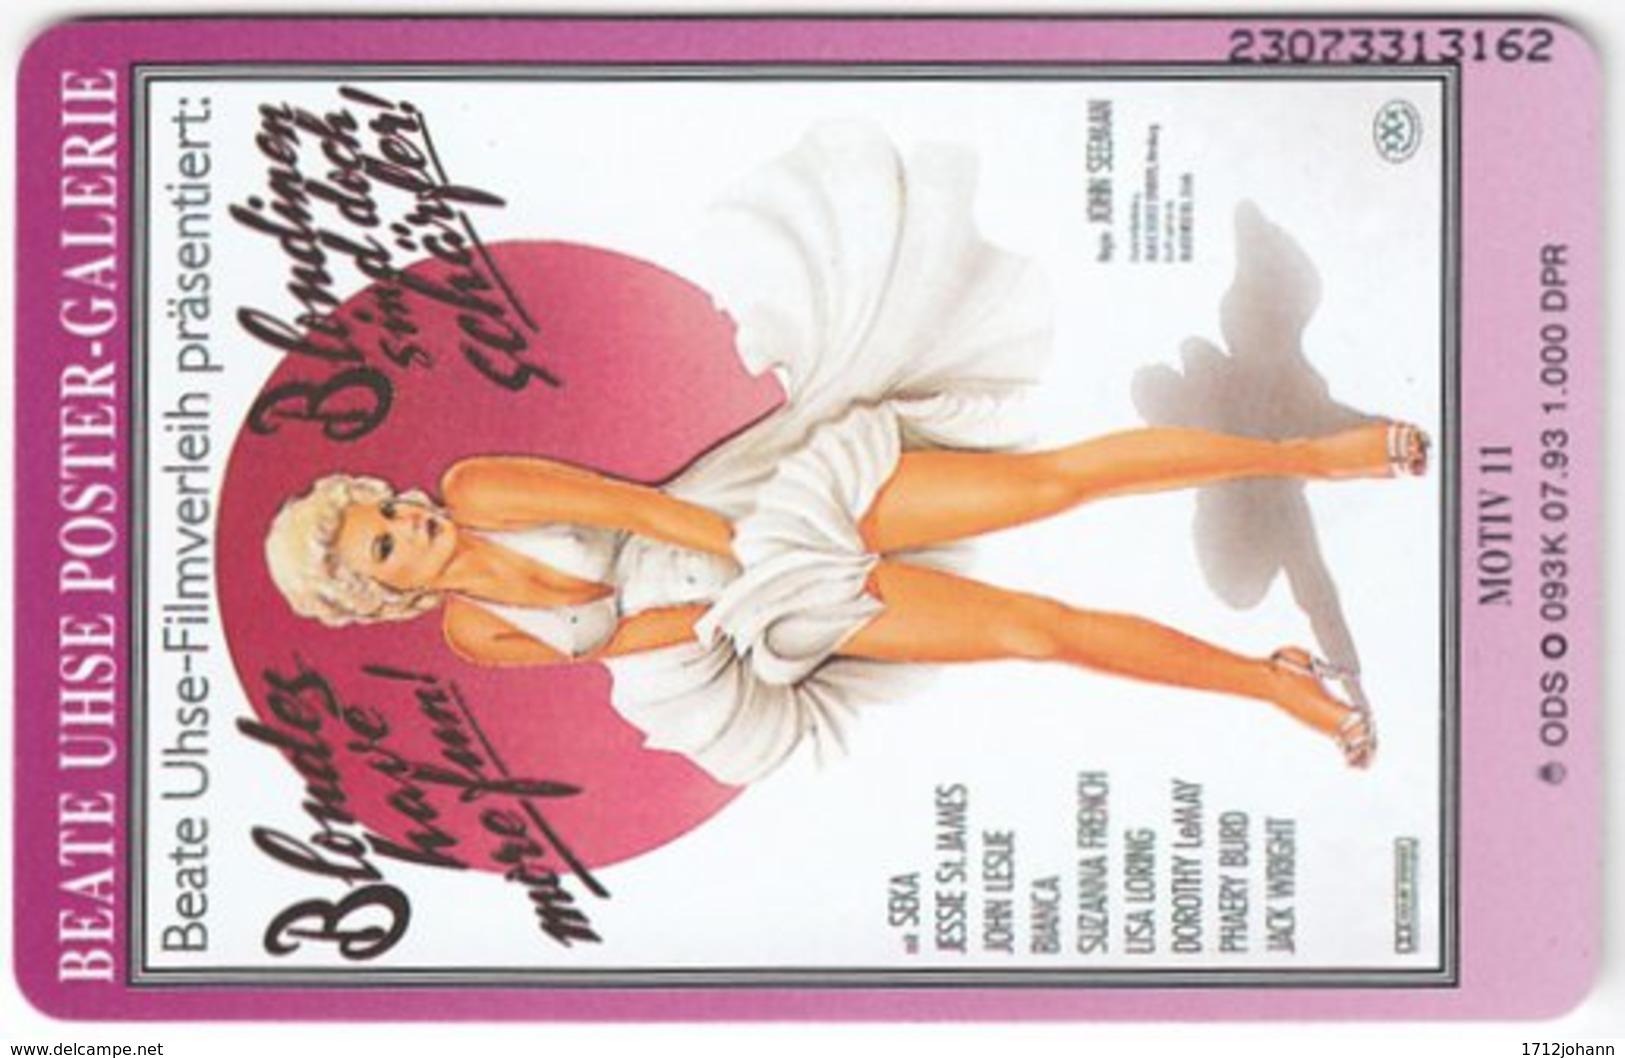 GERMANY O-Serie B-683 - 093K 07.94 - Woman, Erotic, Beate Uhse - Used - Deutschland